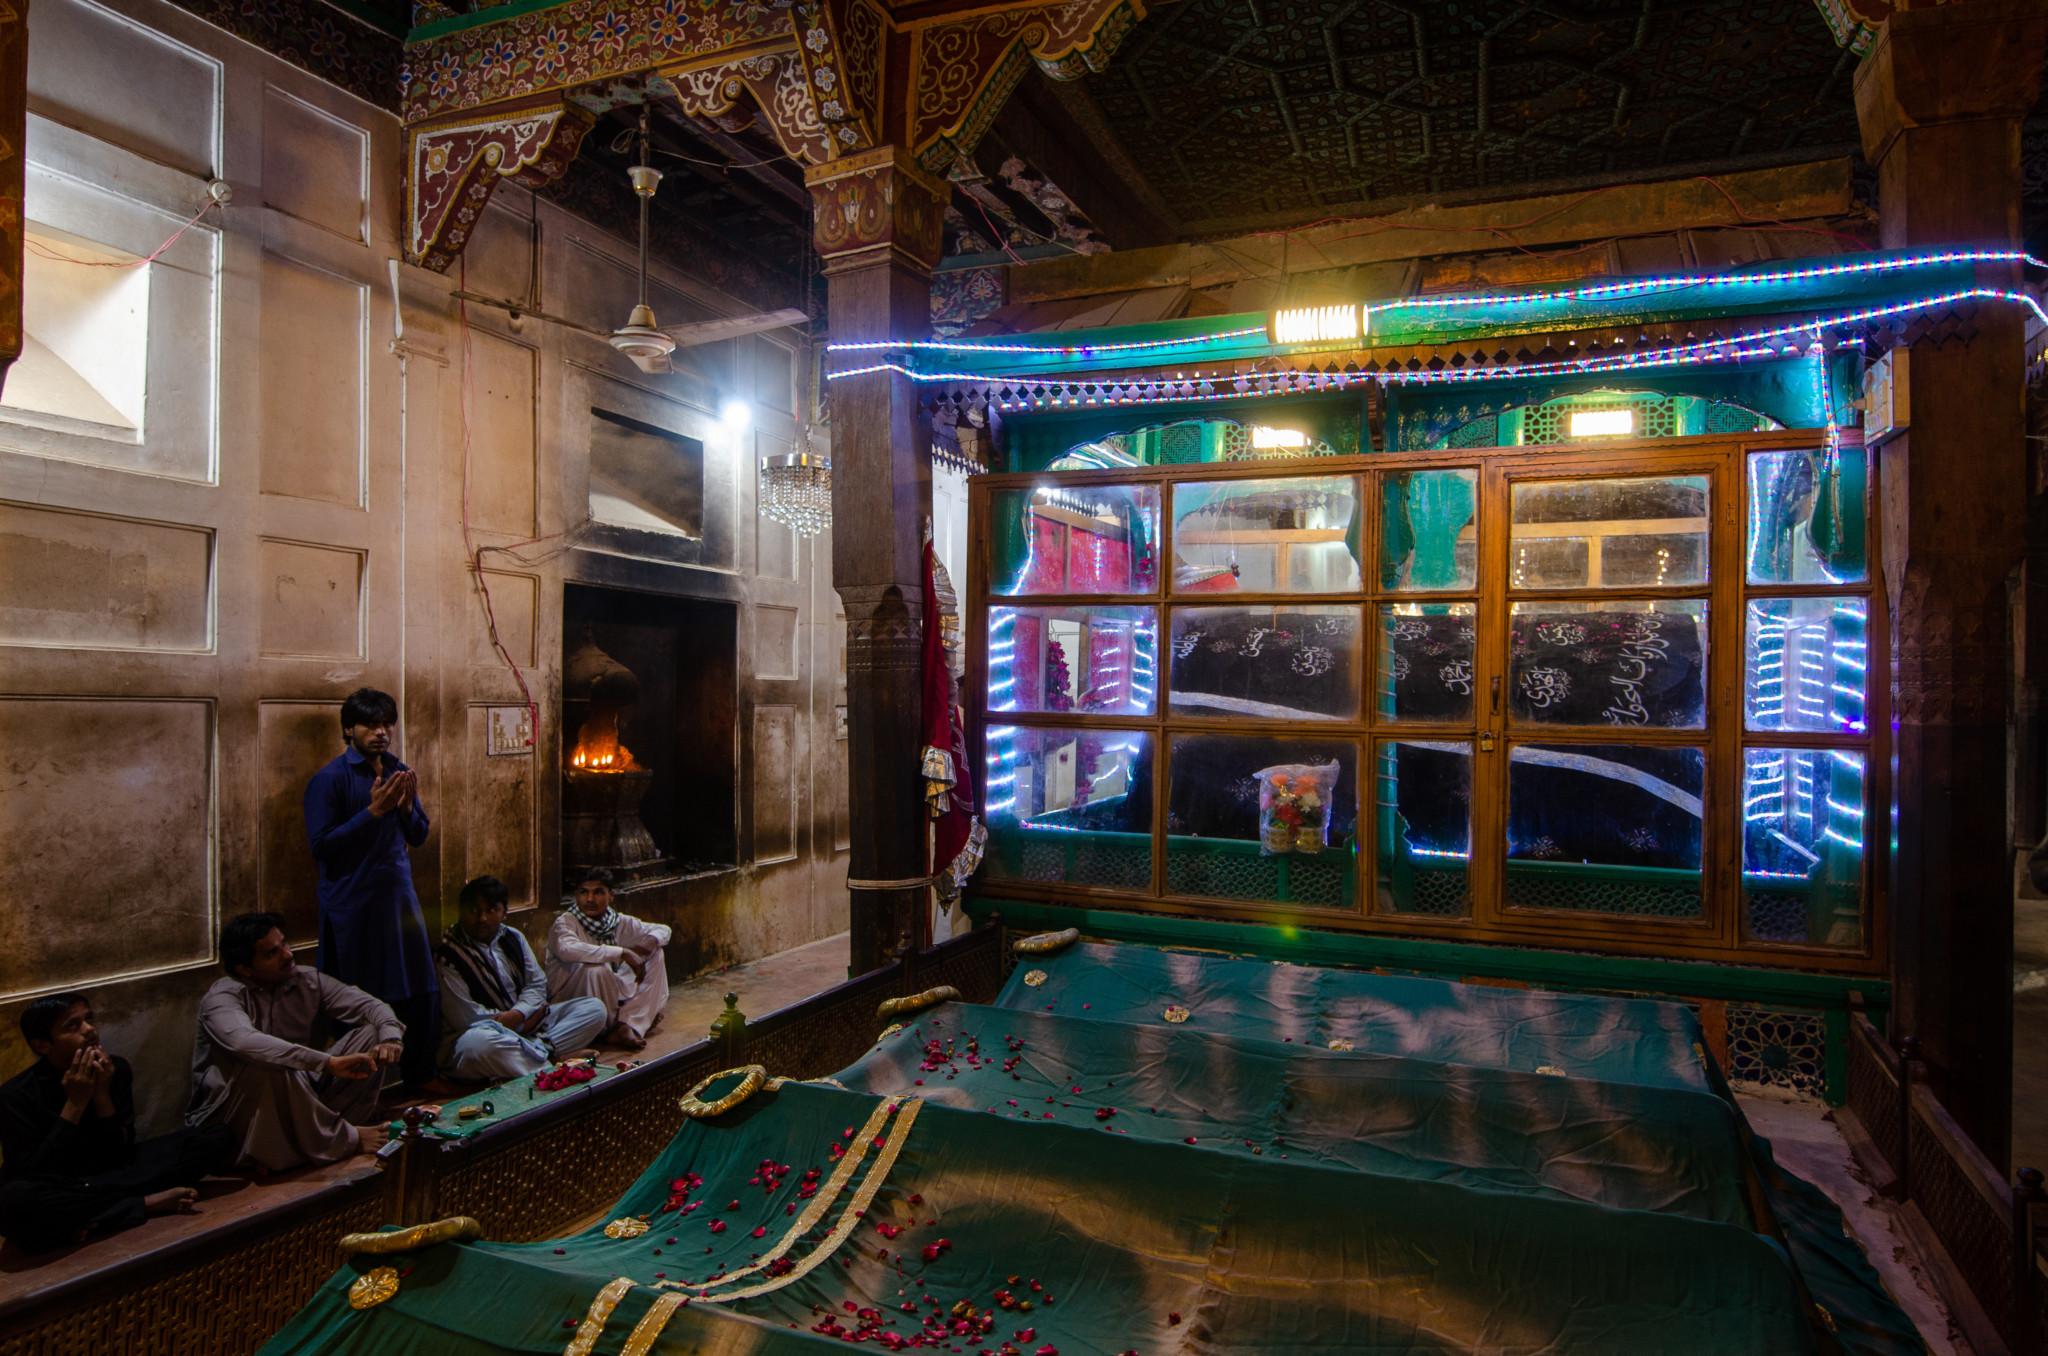 Sicherheit wird in den Sufi Schreinen in Pakistan meist geboten